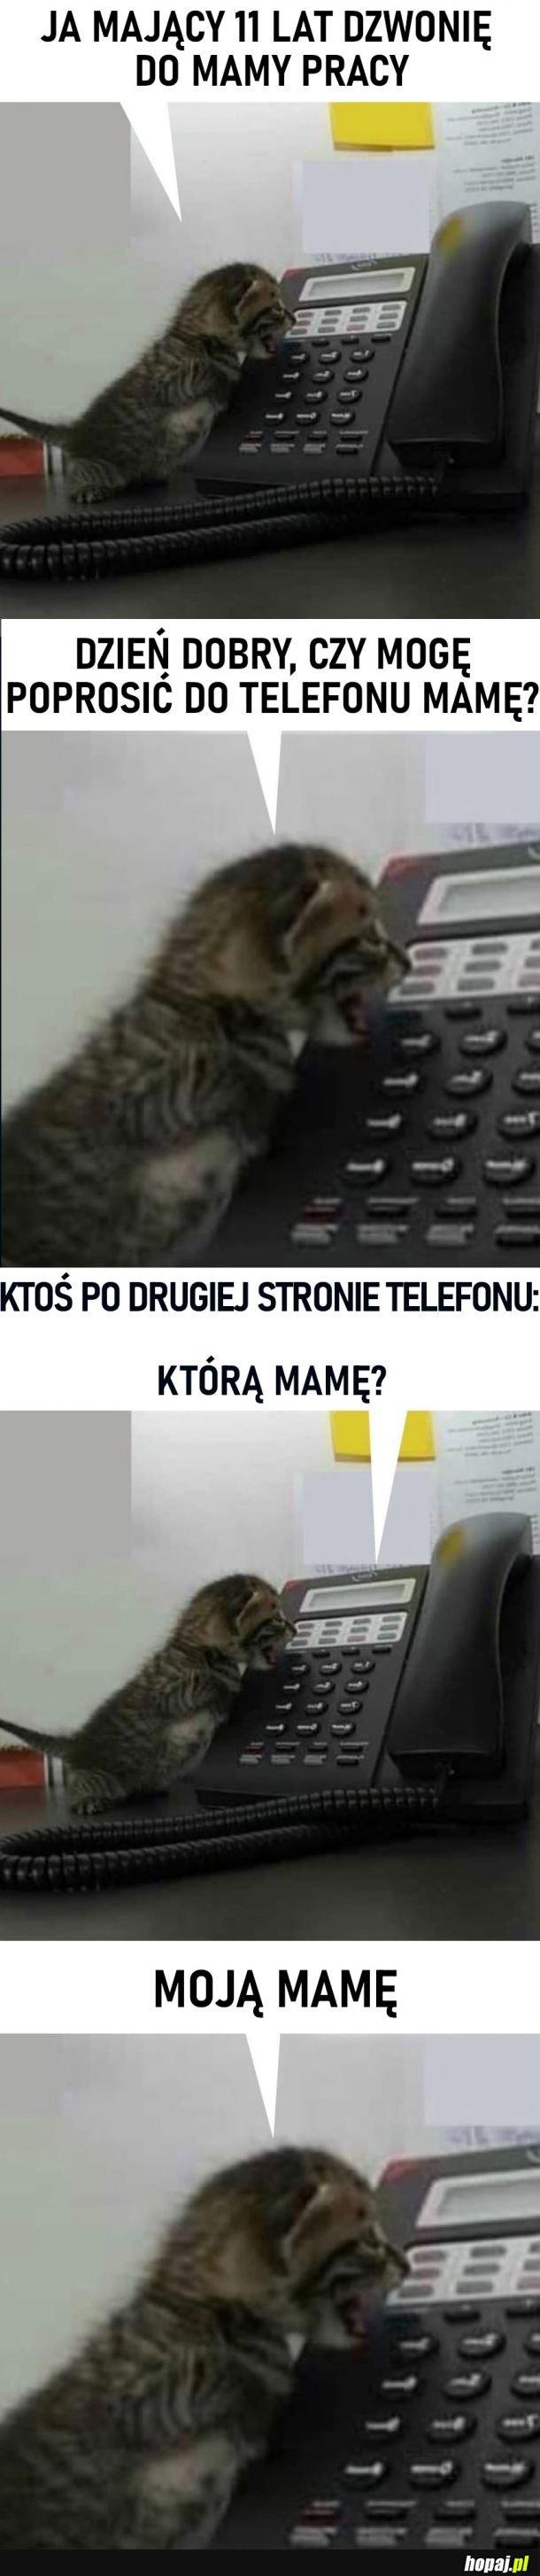 Halo, poproszę mamę do telefonu